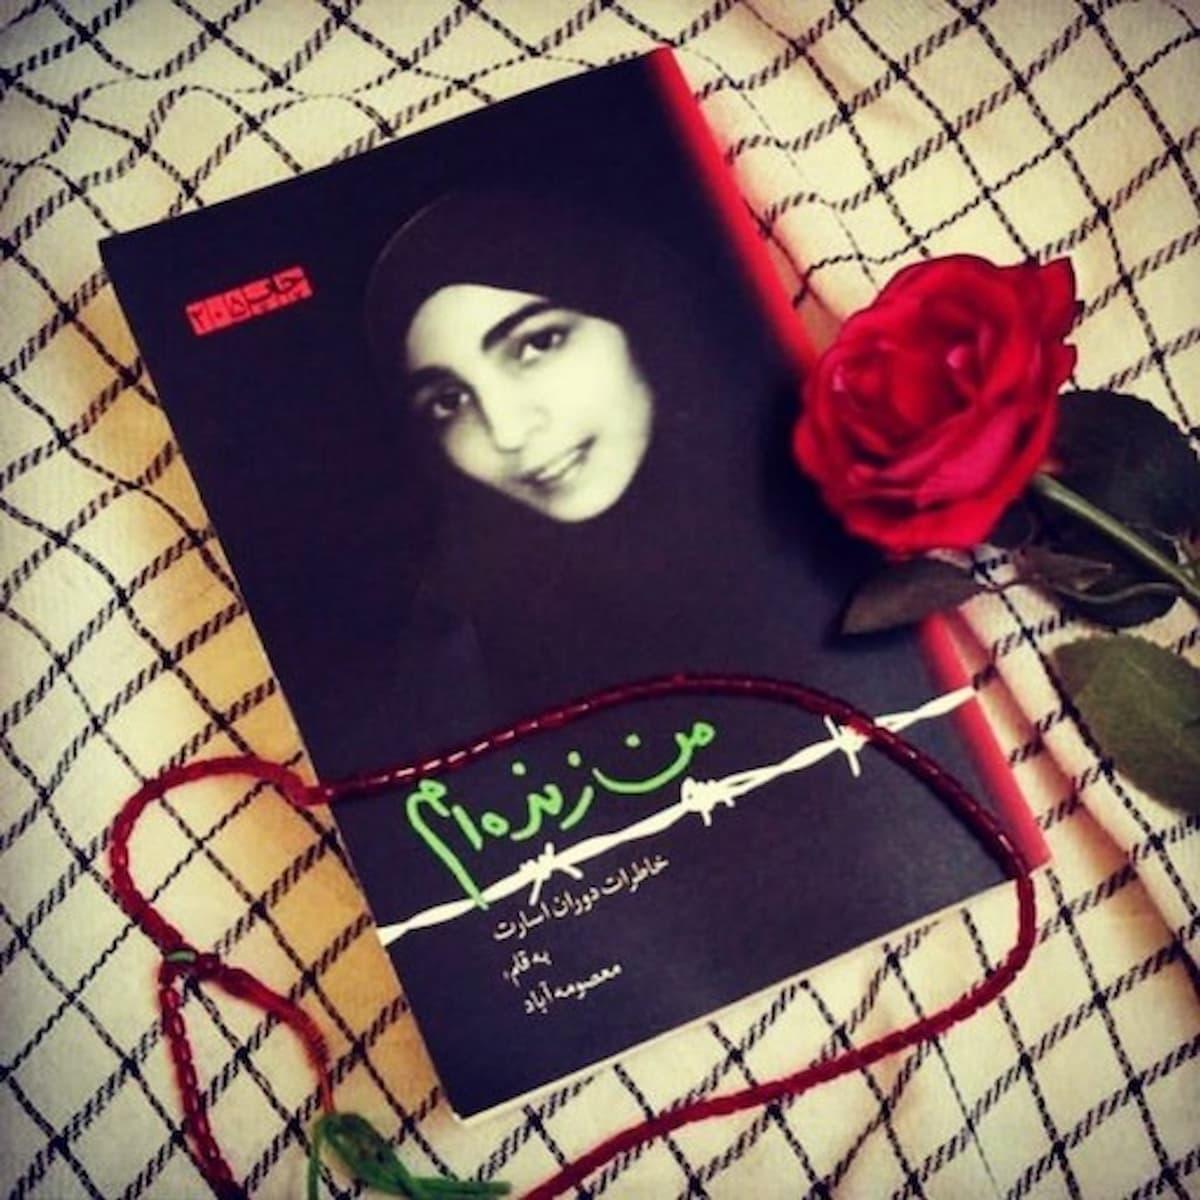 معرفی کتاب«من زنده ام» نوشته معصومه آباد